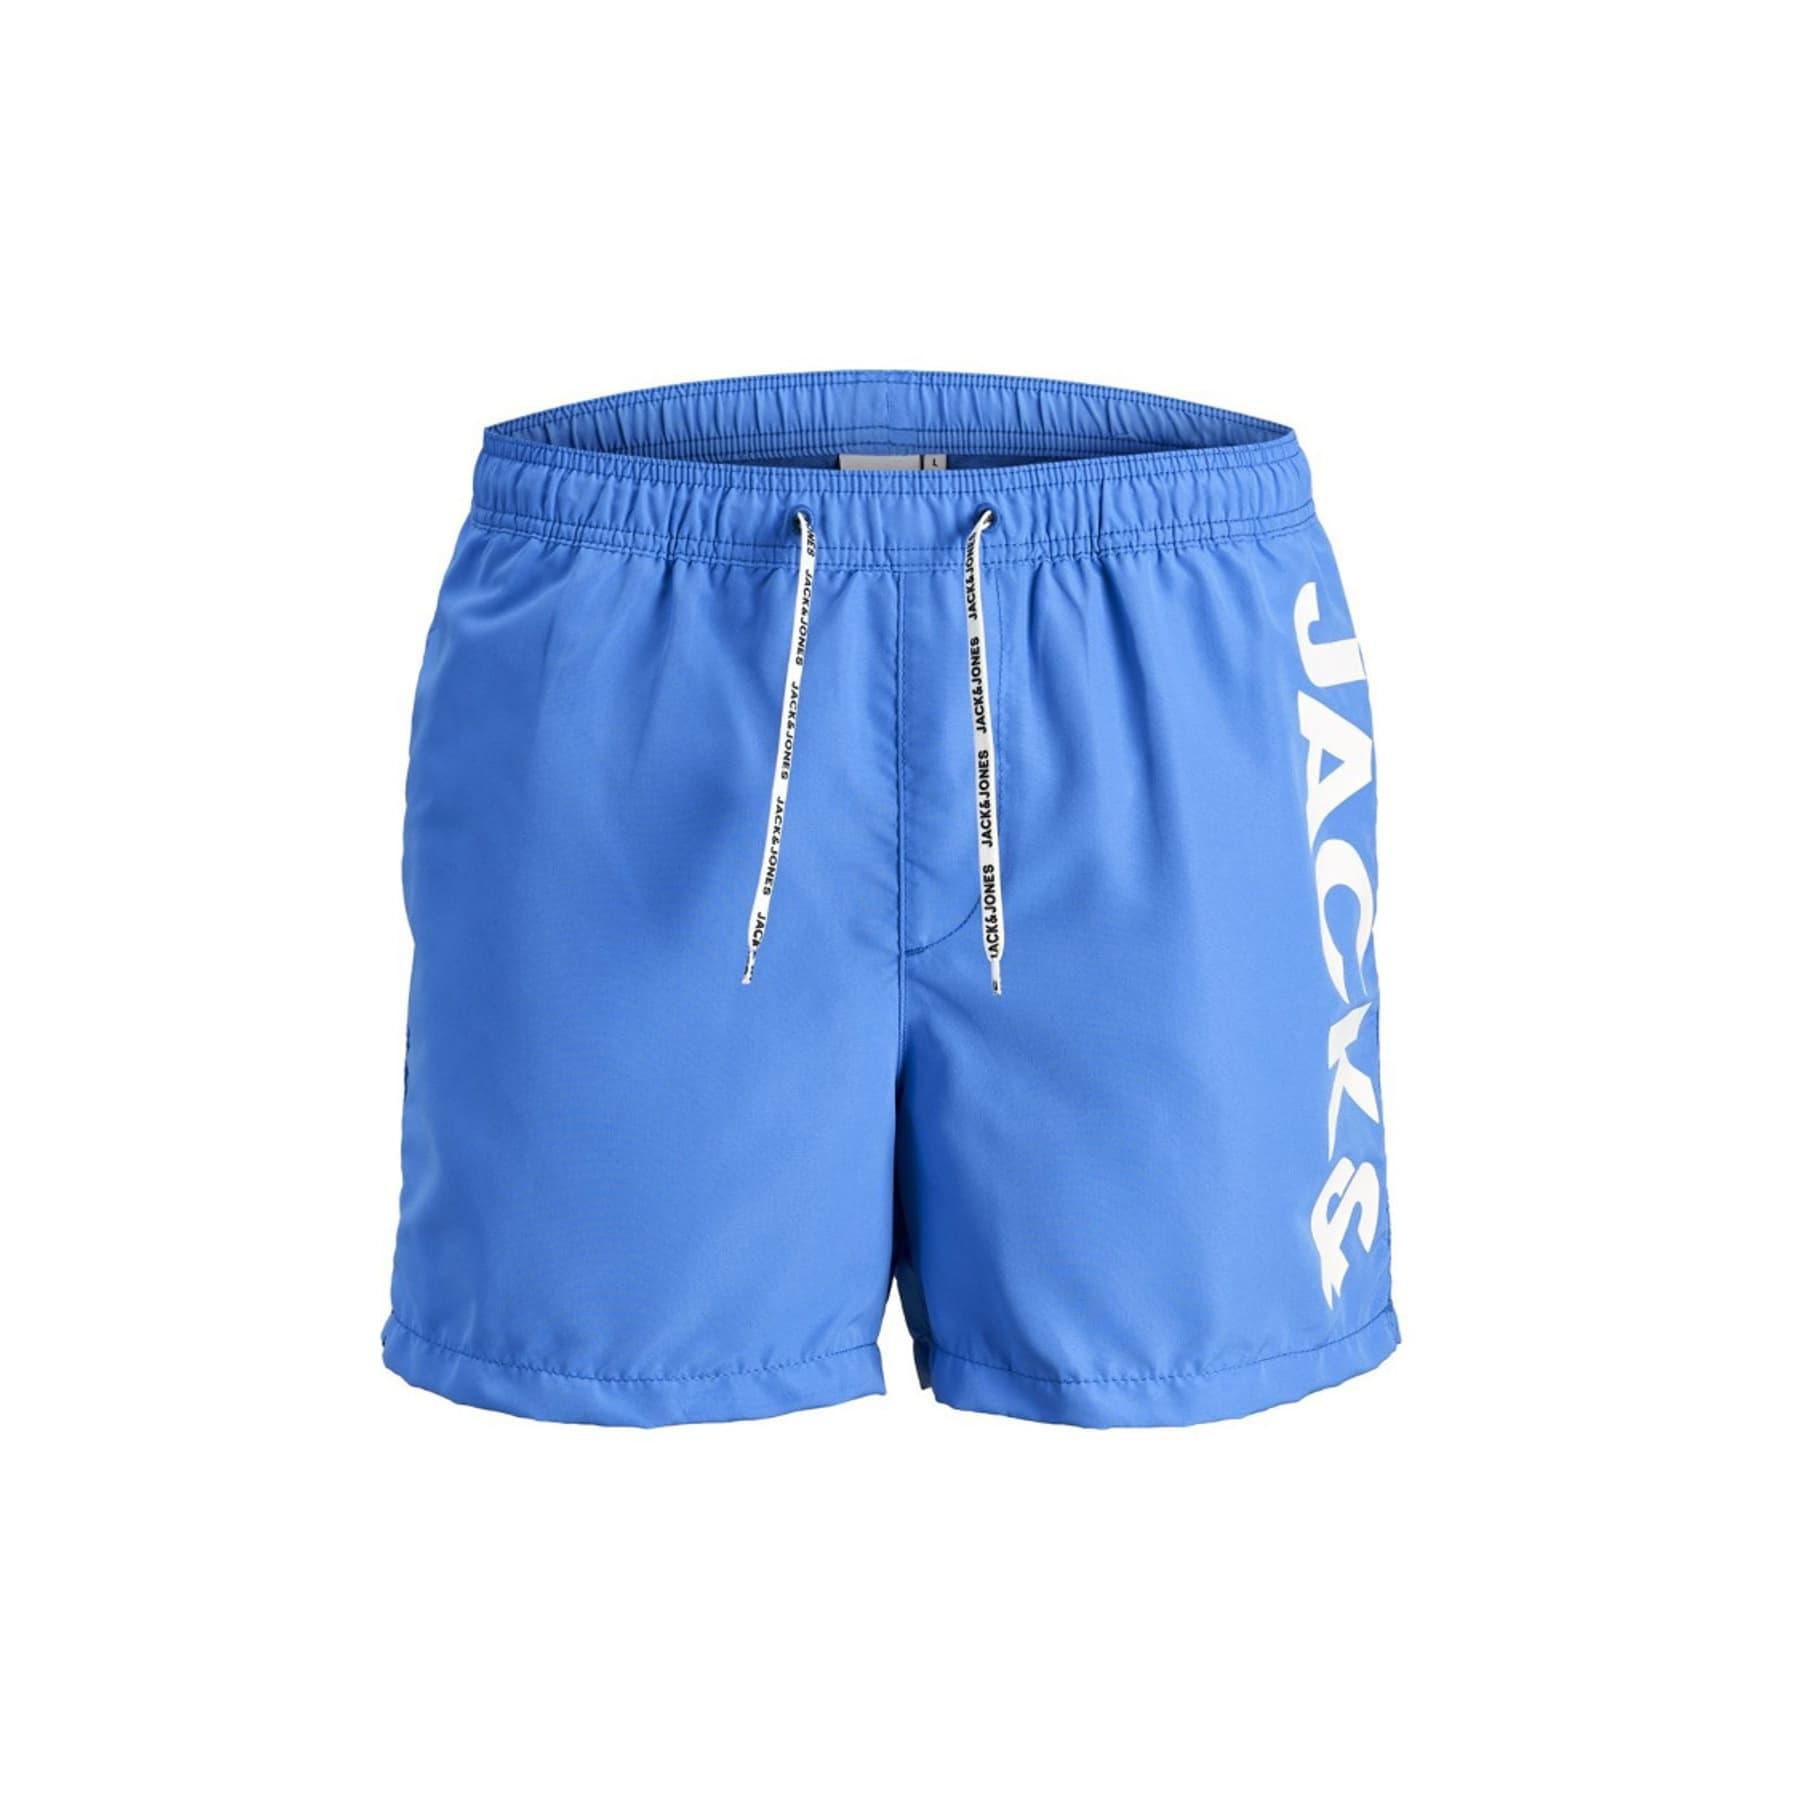 Jjicali Jjswim Shorts Akm Jones Sts